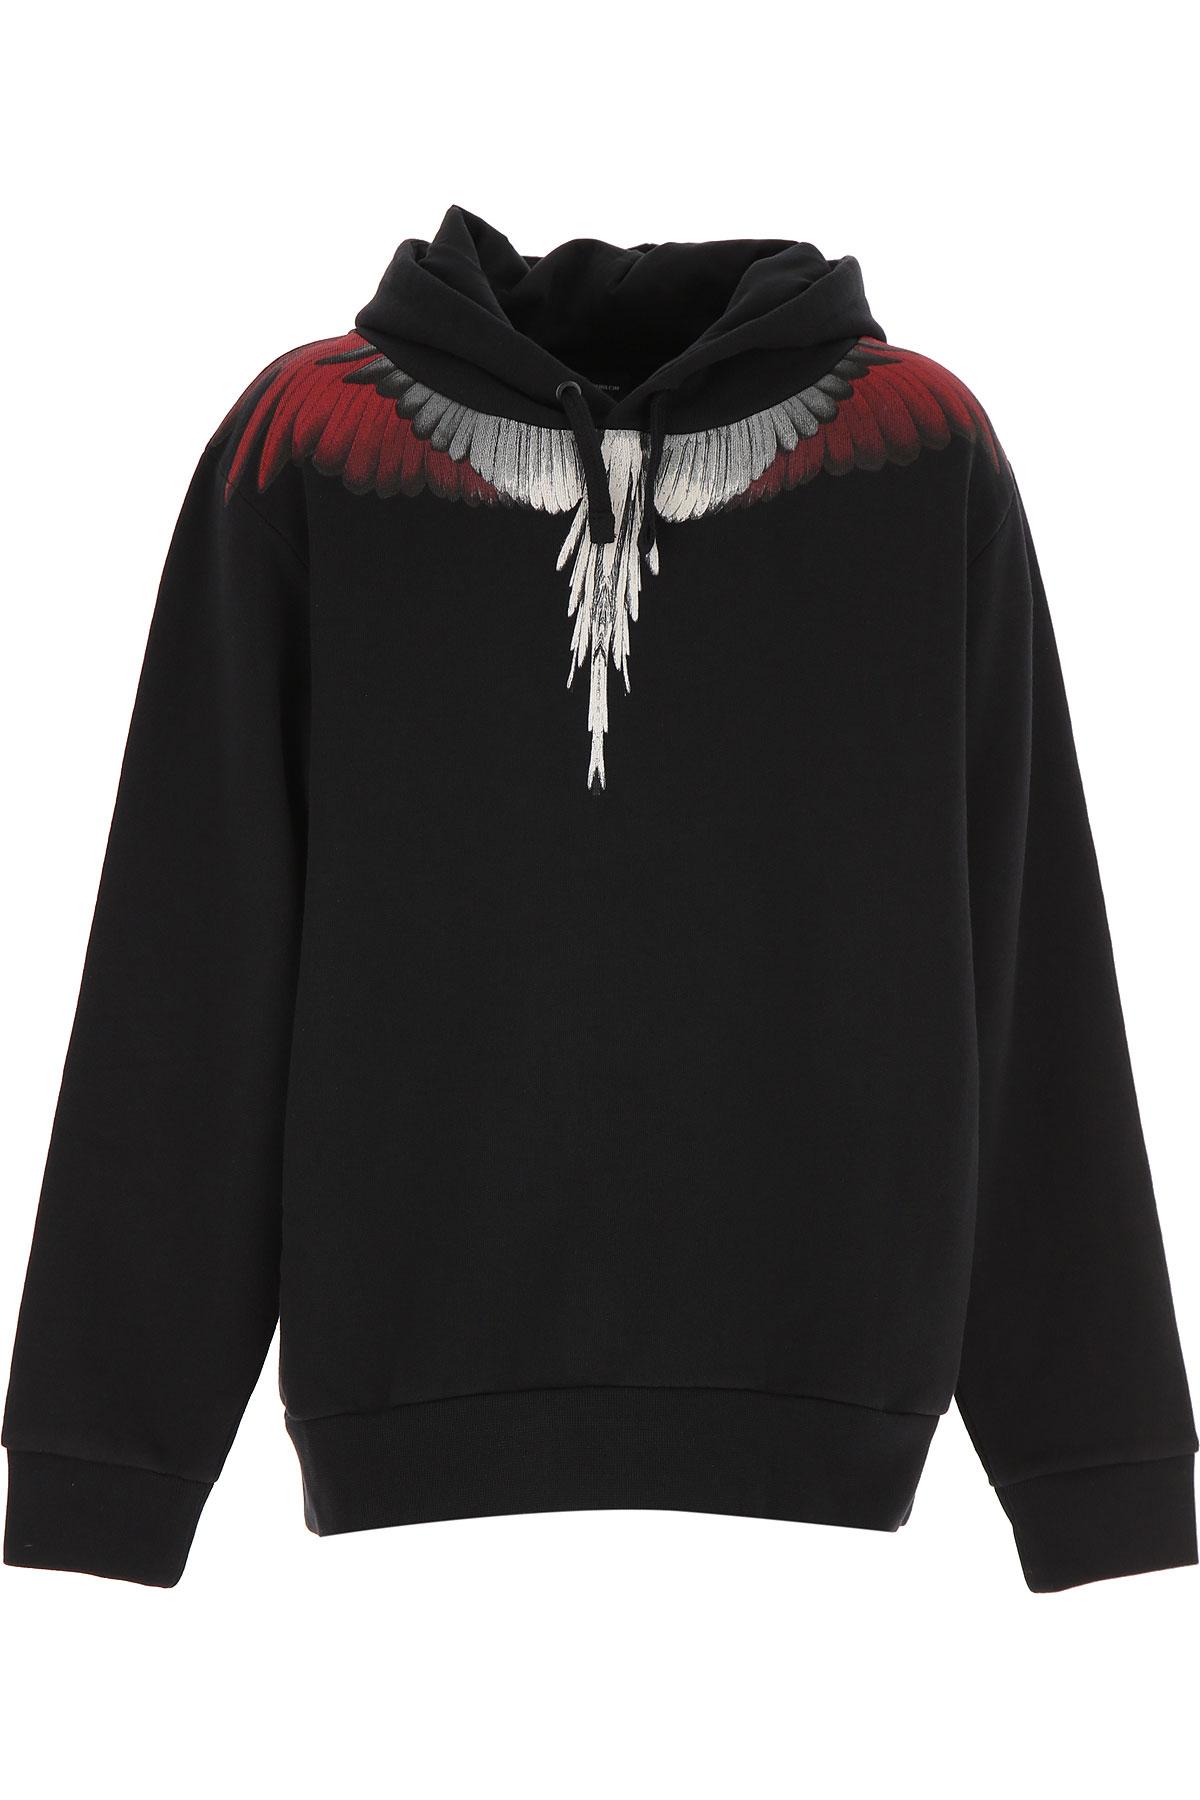 Marcelo Burlon Kids Sweatshirts & Hoodies for Boys On Sale, Black, Cotton, 2019, 10Y 12Y 6Y 8Y